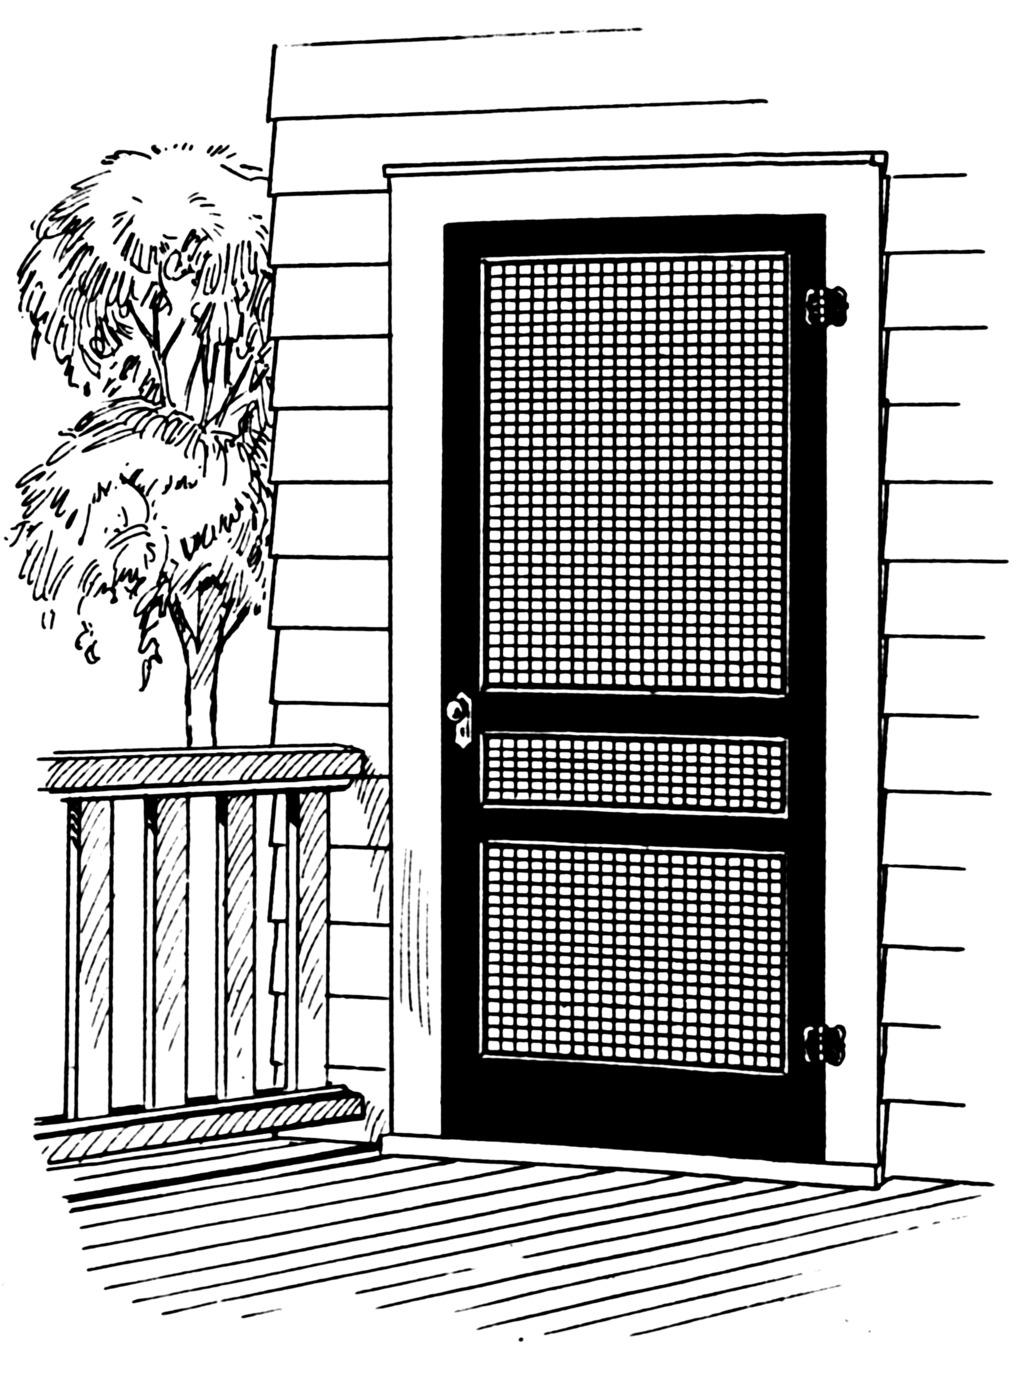 porte d entre de maison awesome affordable prix d une porte d entree en pvc portail de maison. Black Bedroom Furniture Sets. Home Design Ideas